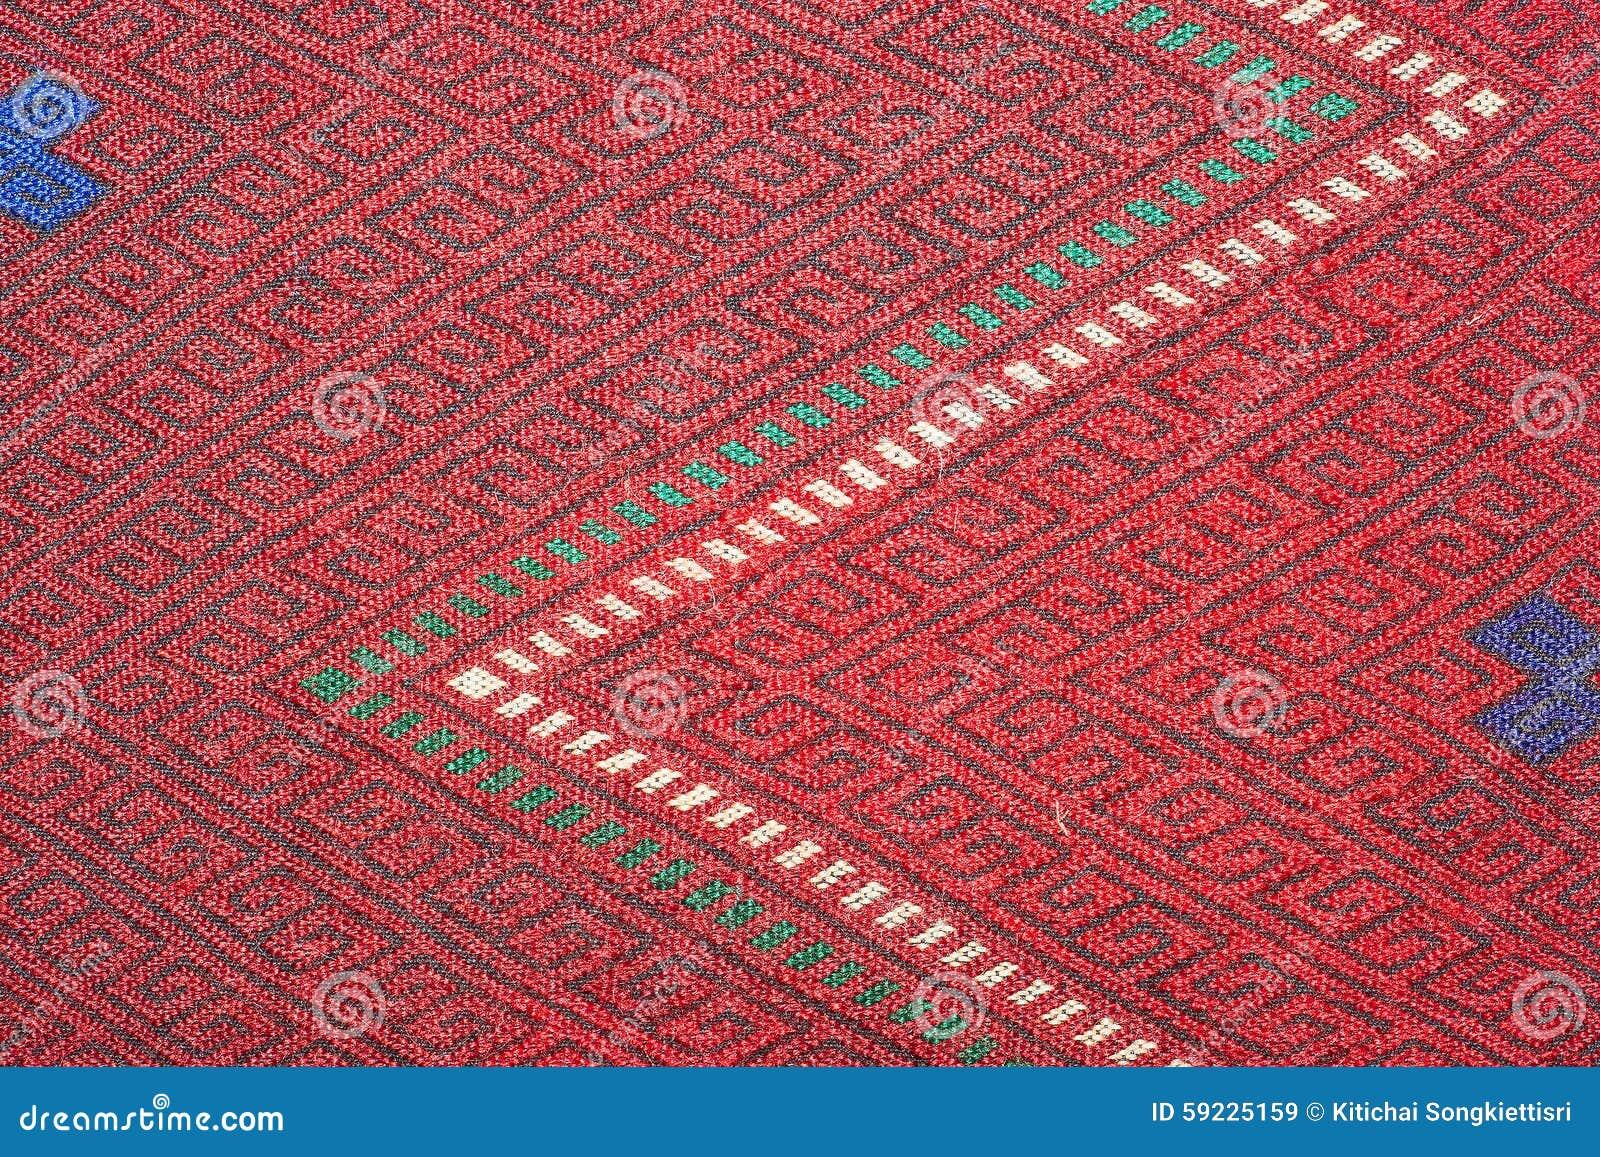 Cierre peruano de la superficie de la manta del estilo de la artesanía de seda tailandesa colorida encima de más este adorno y de